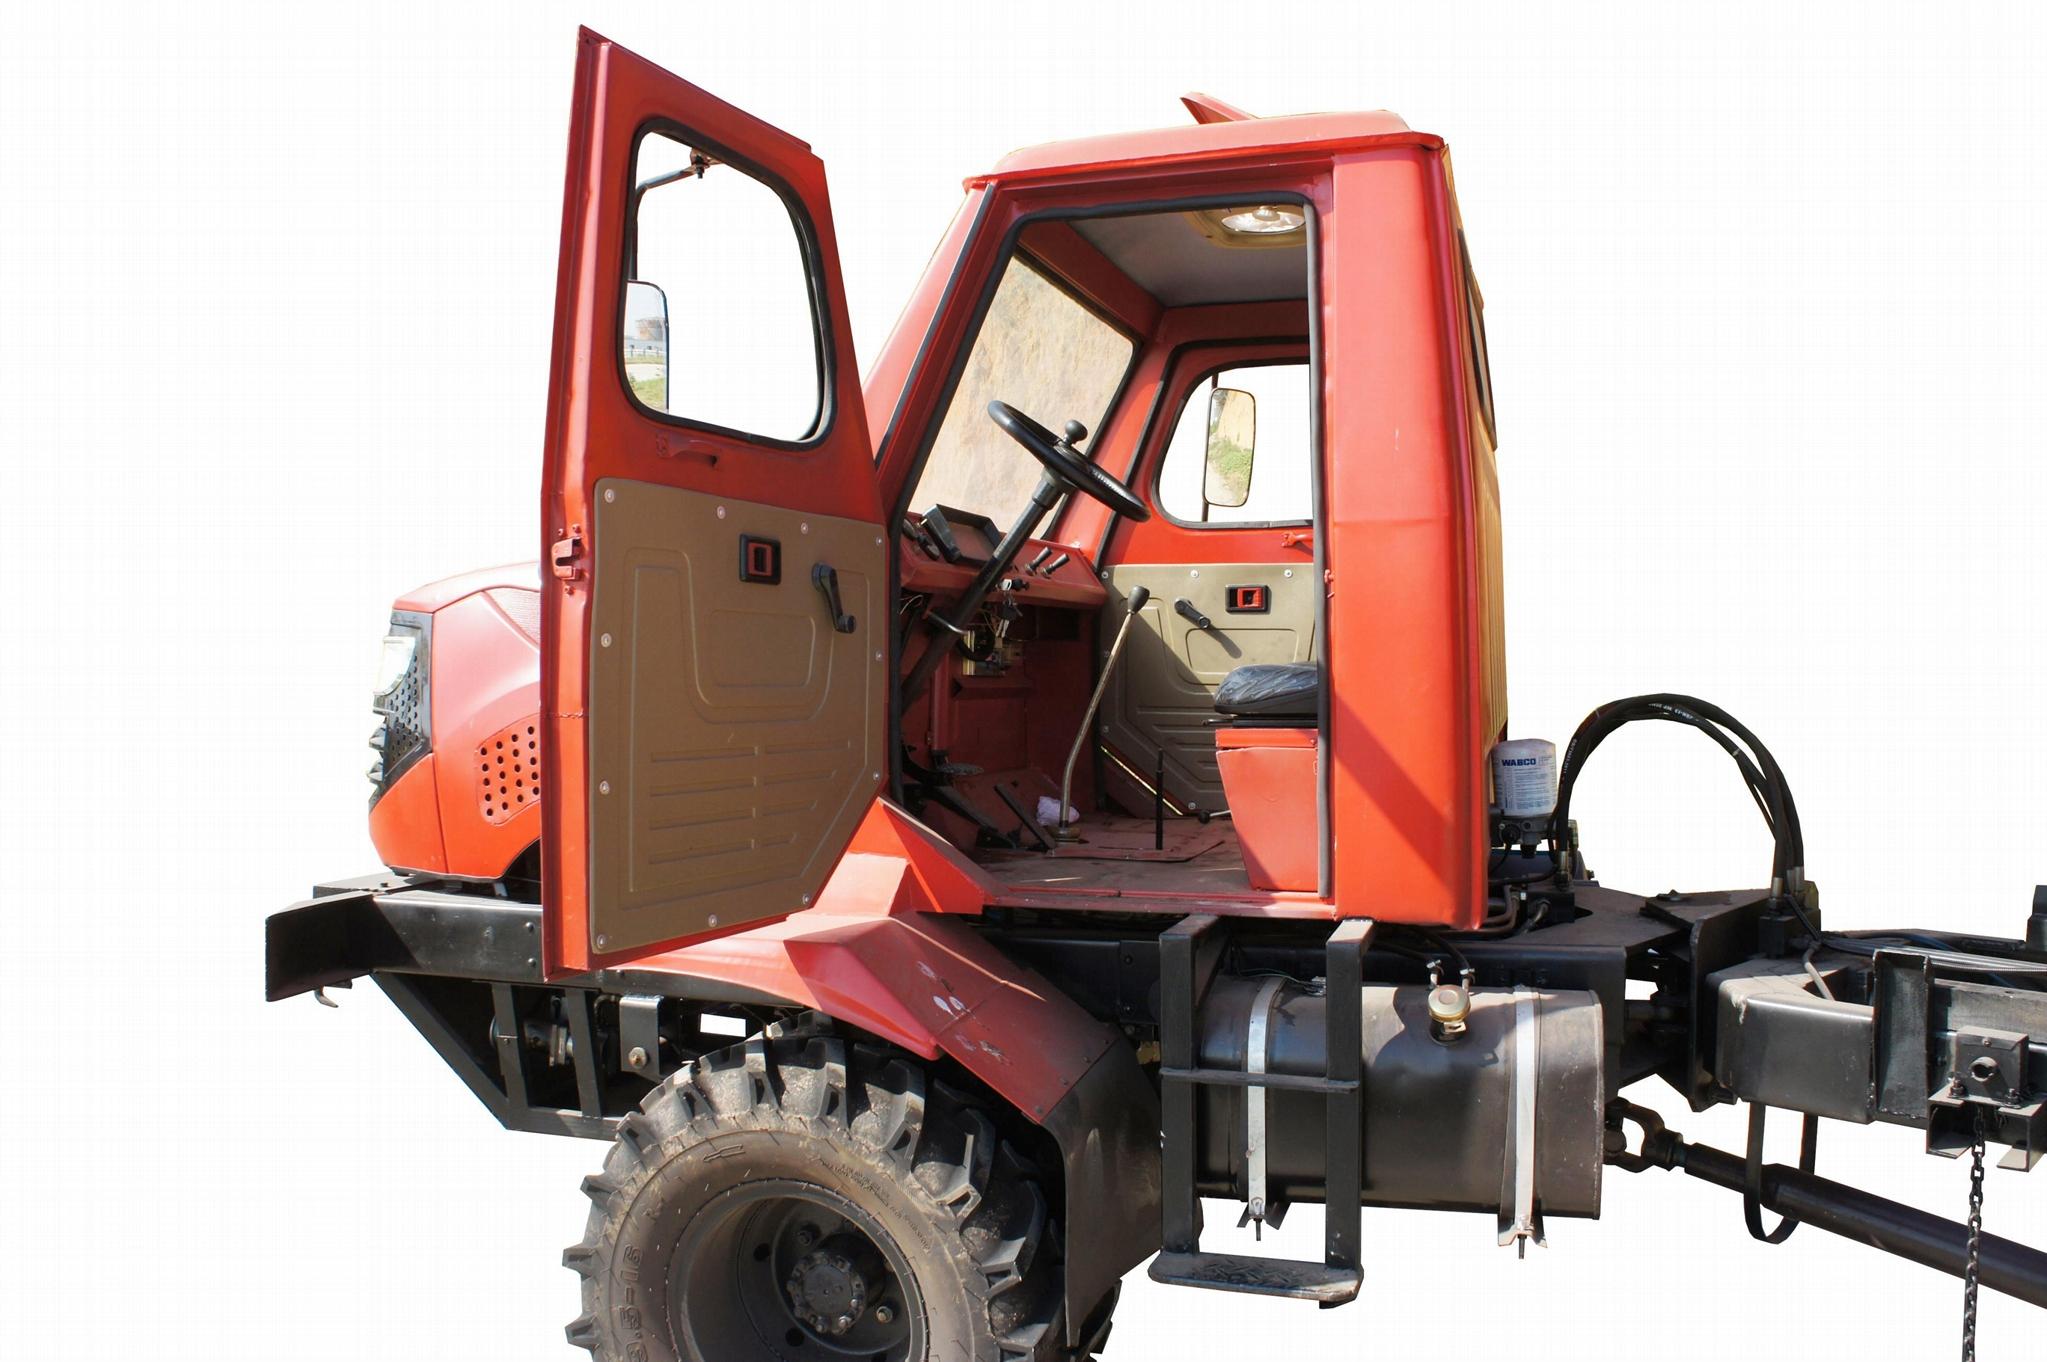 农用四驱棕榈园折腰转向运输型拖拉机 WY-5000 8